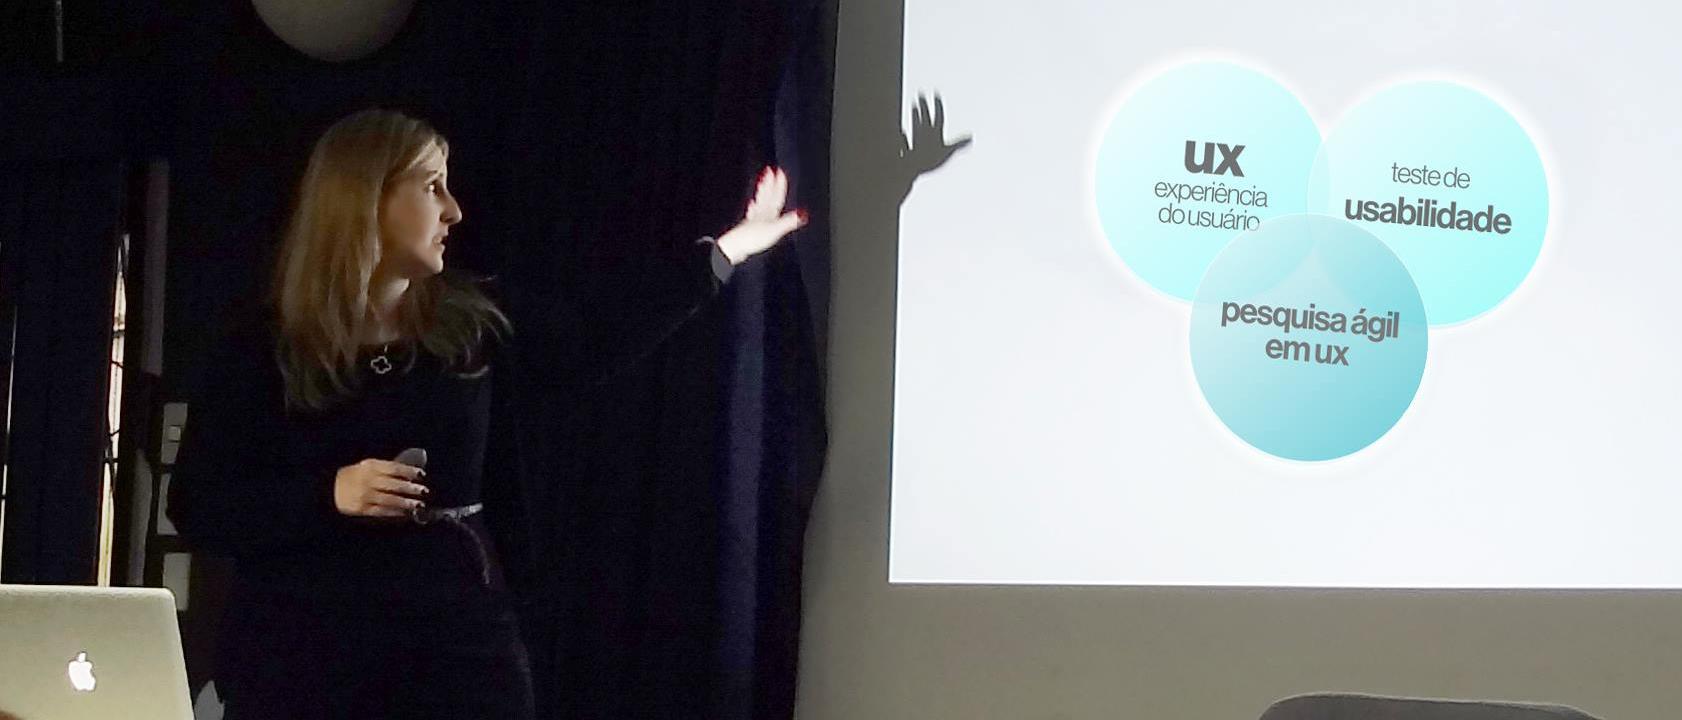 Christiane Melcher / New Use - Consultoria em UX e Inovação